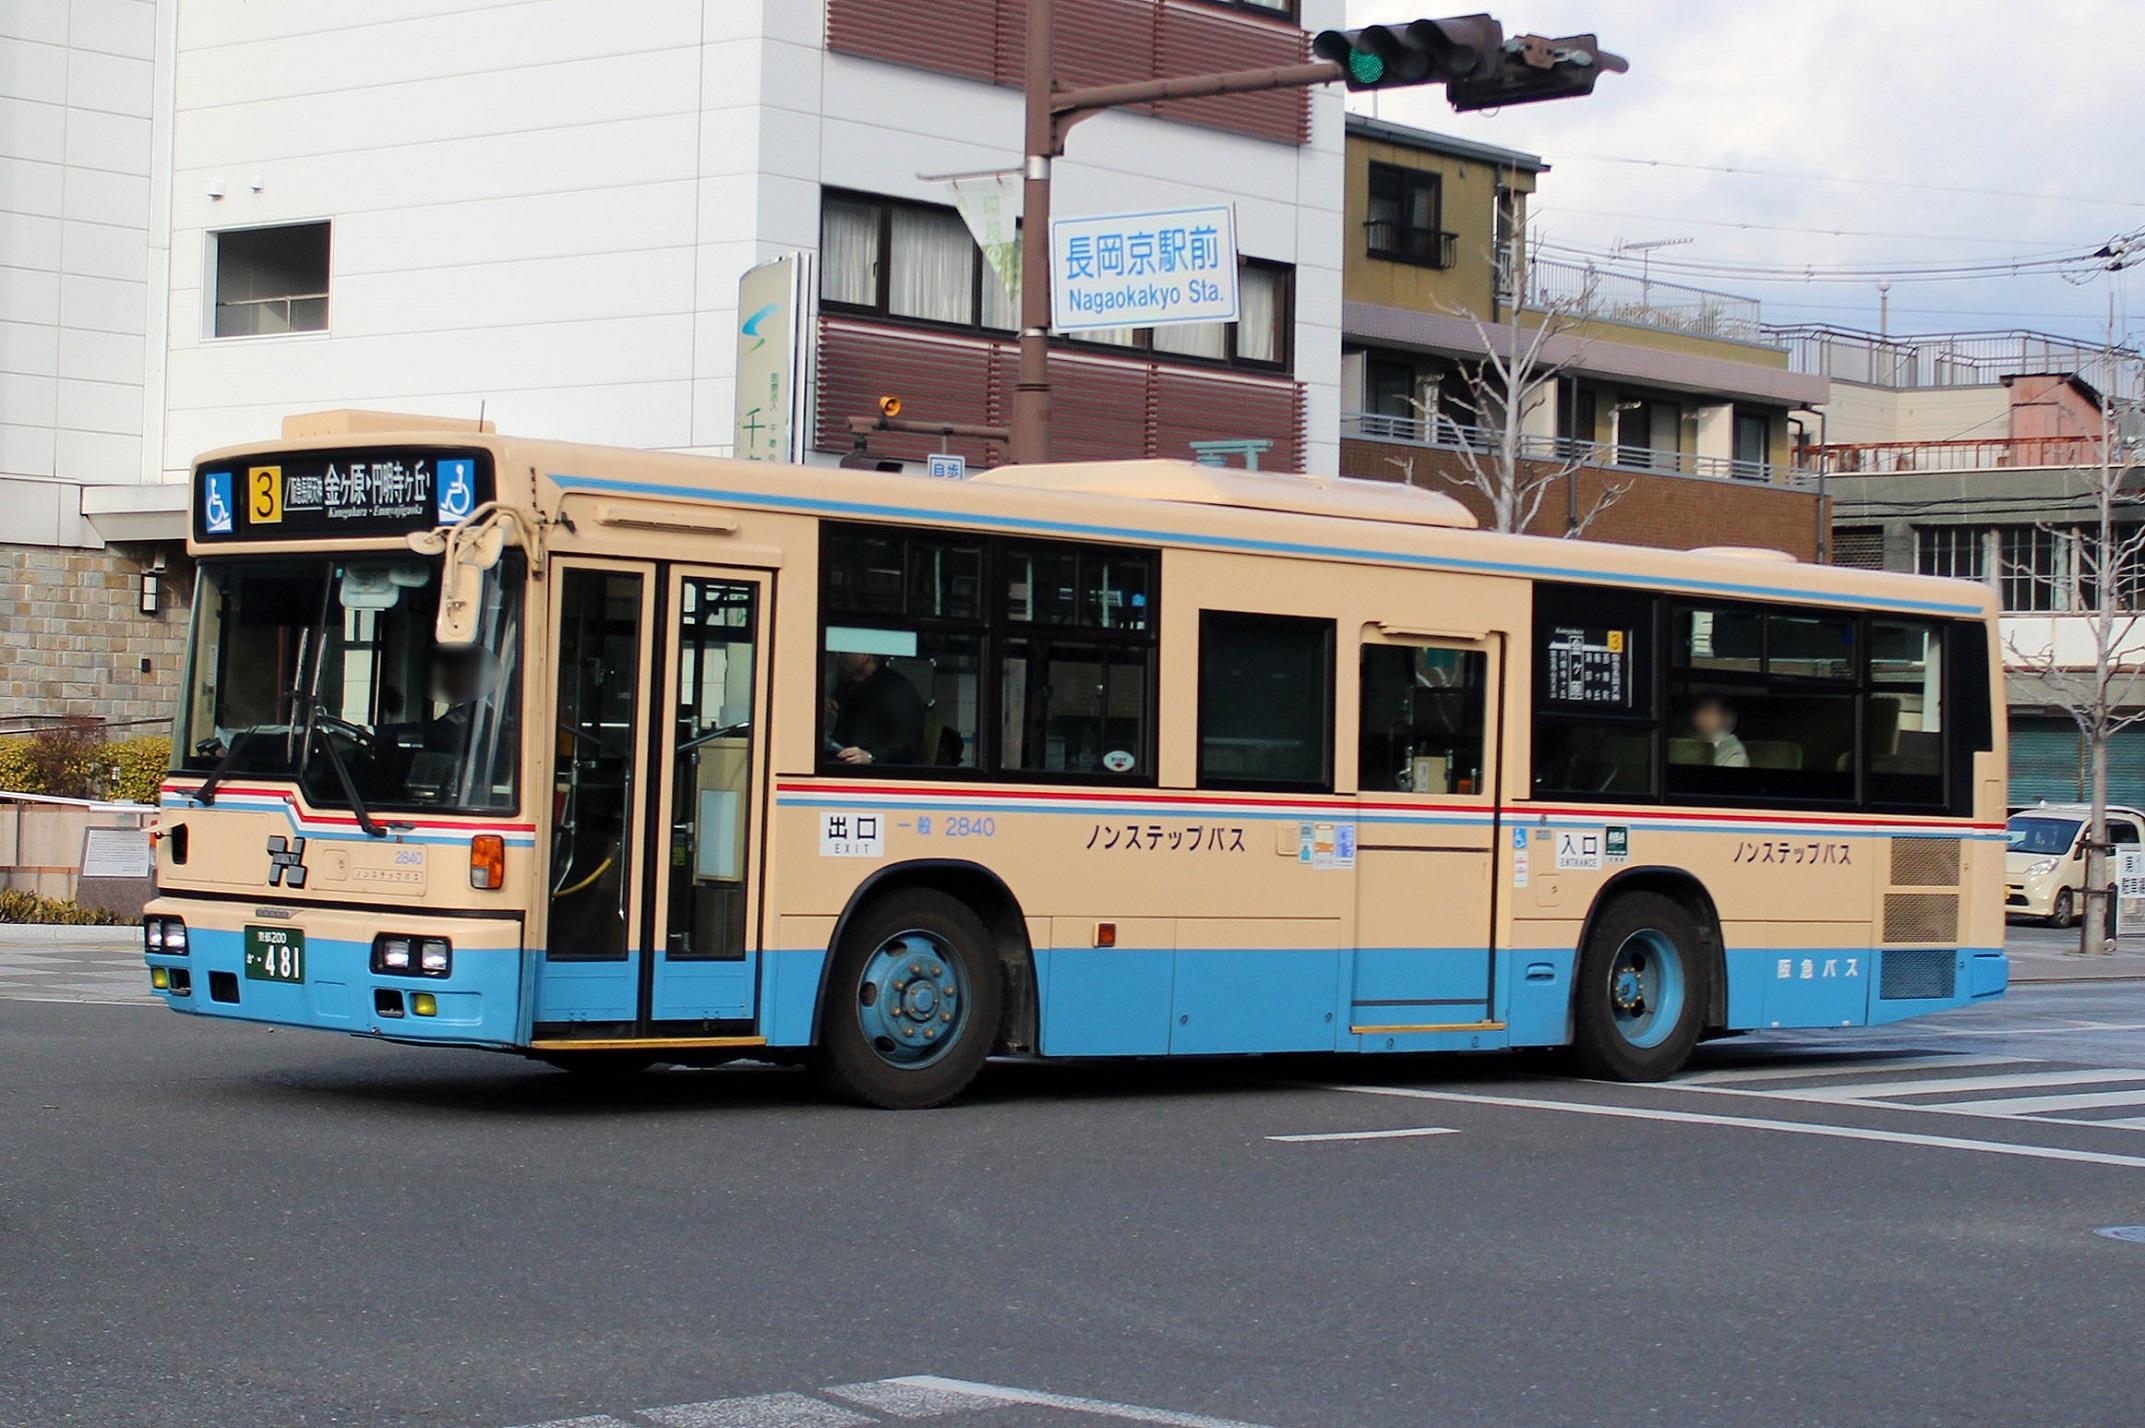 阪急バス 2840